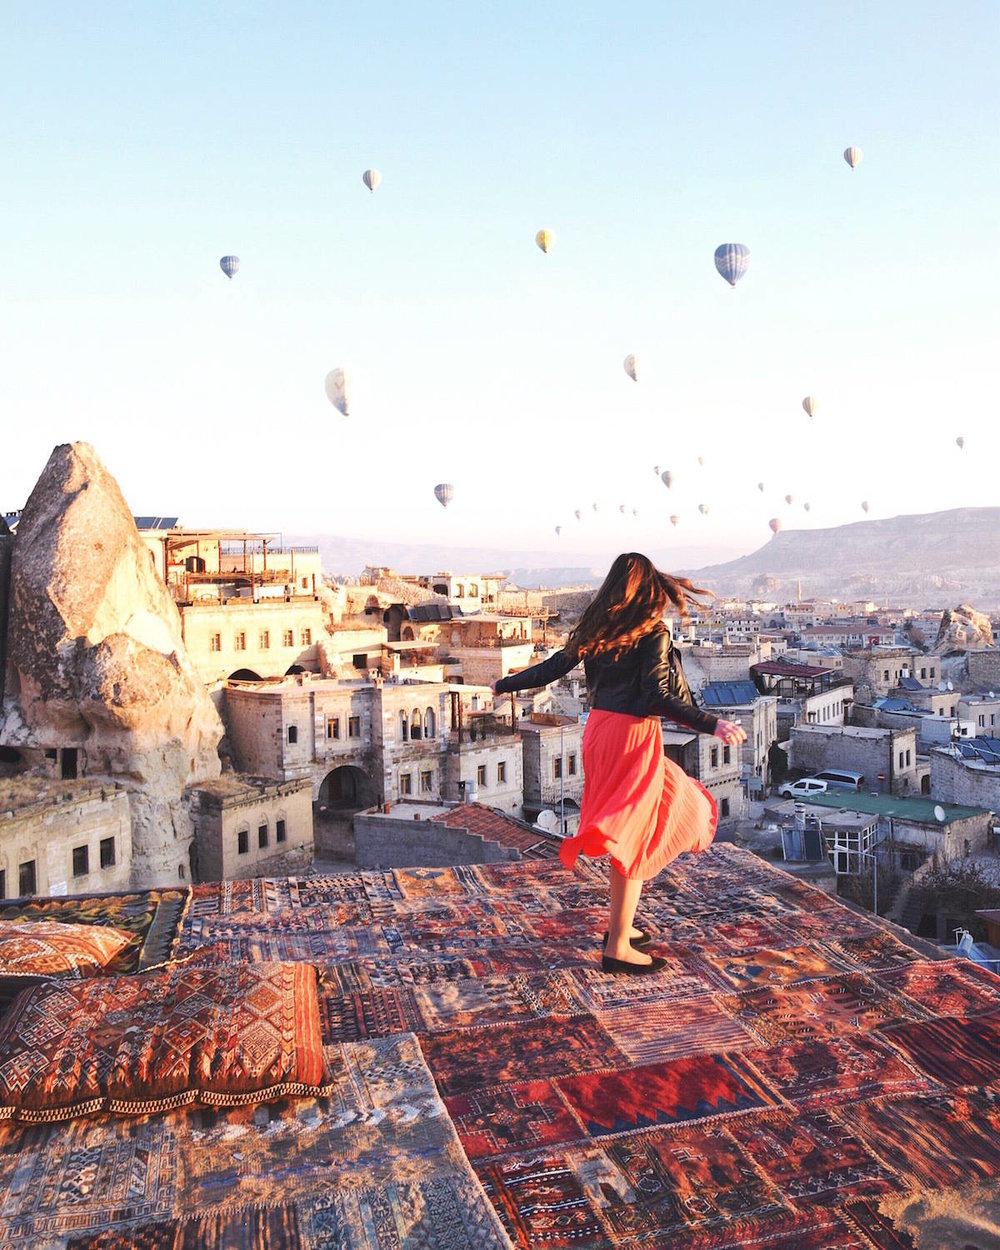 cappadocia-turkey-2.jpg